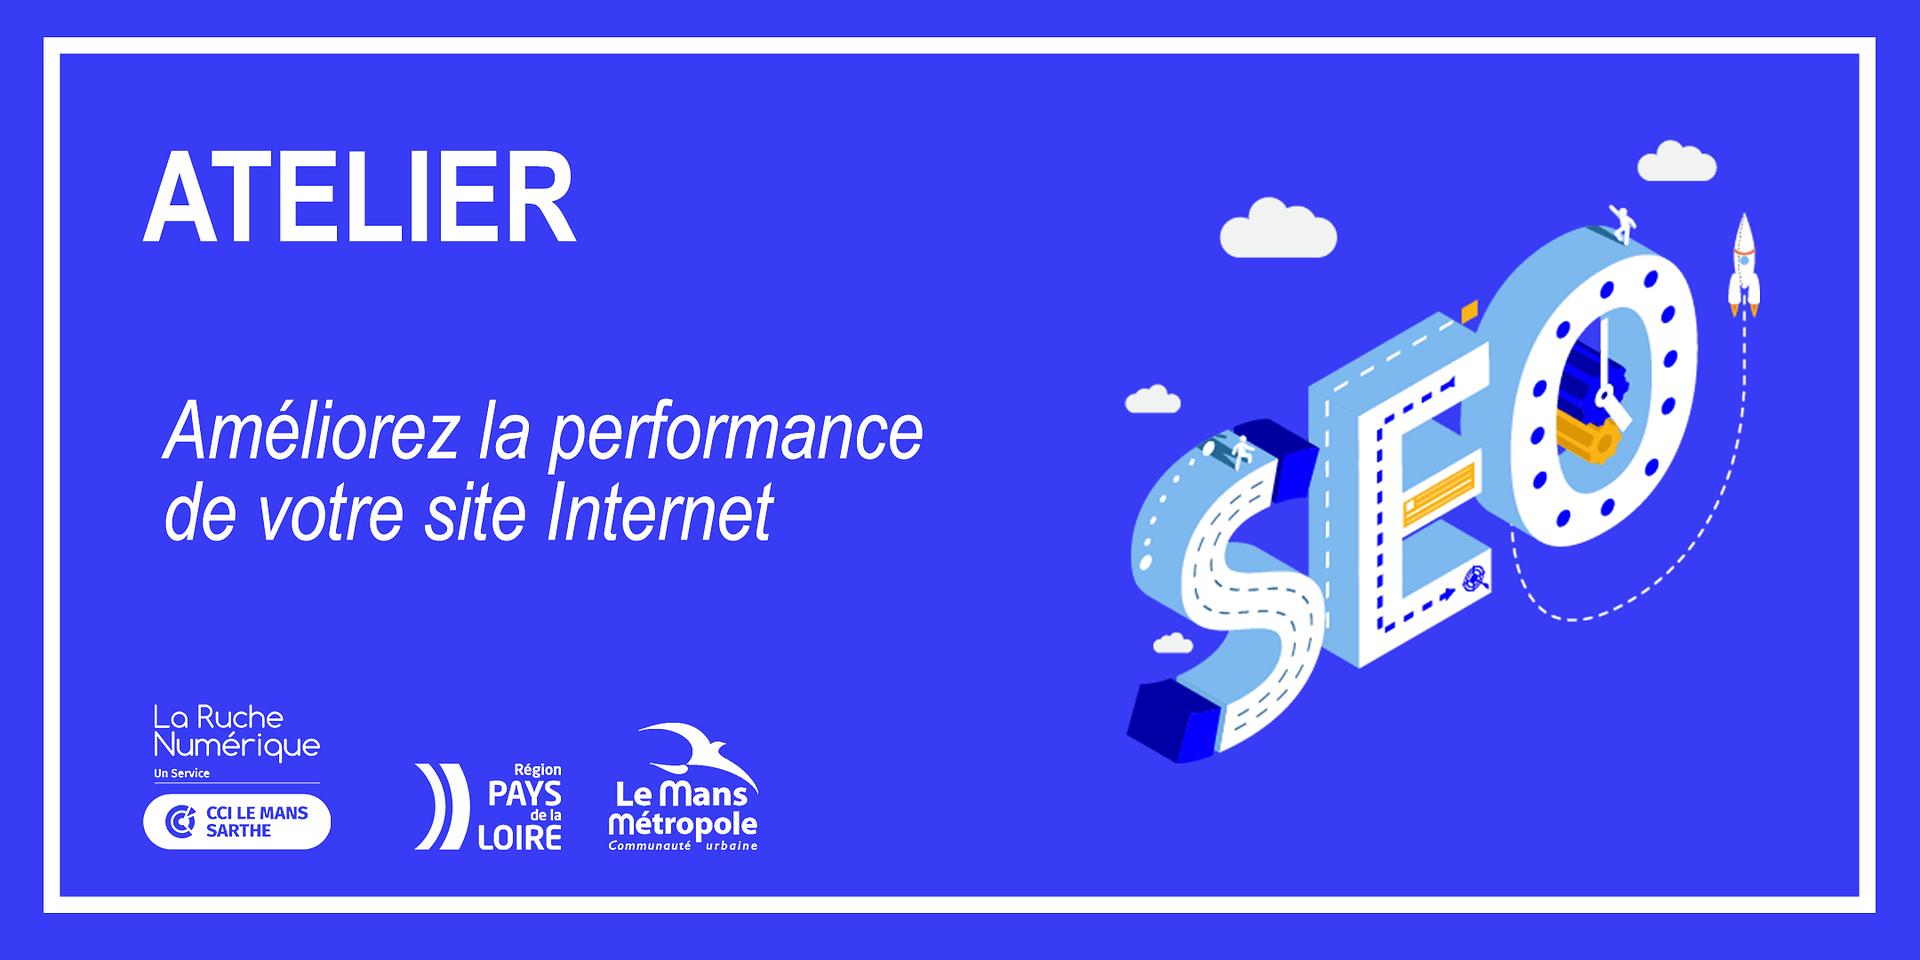 Améliorez la performance de votre site Internet